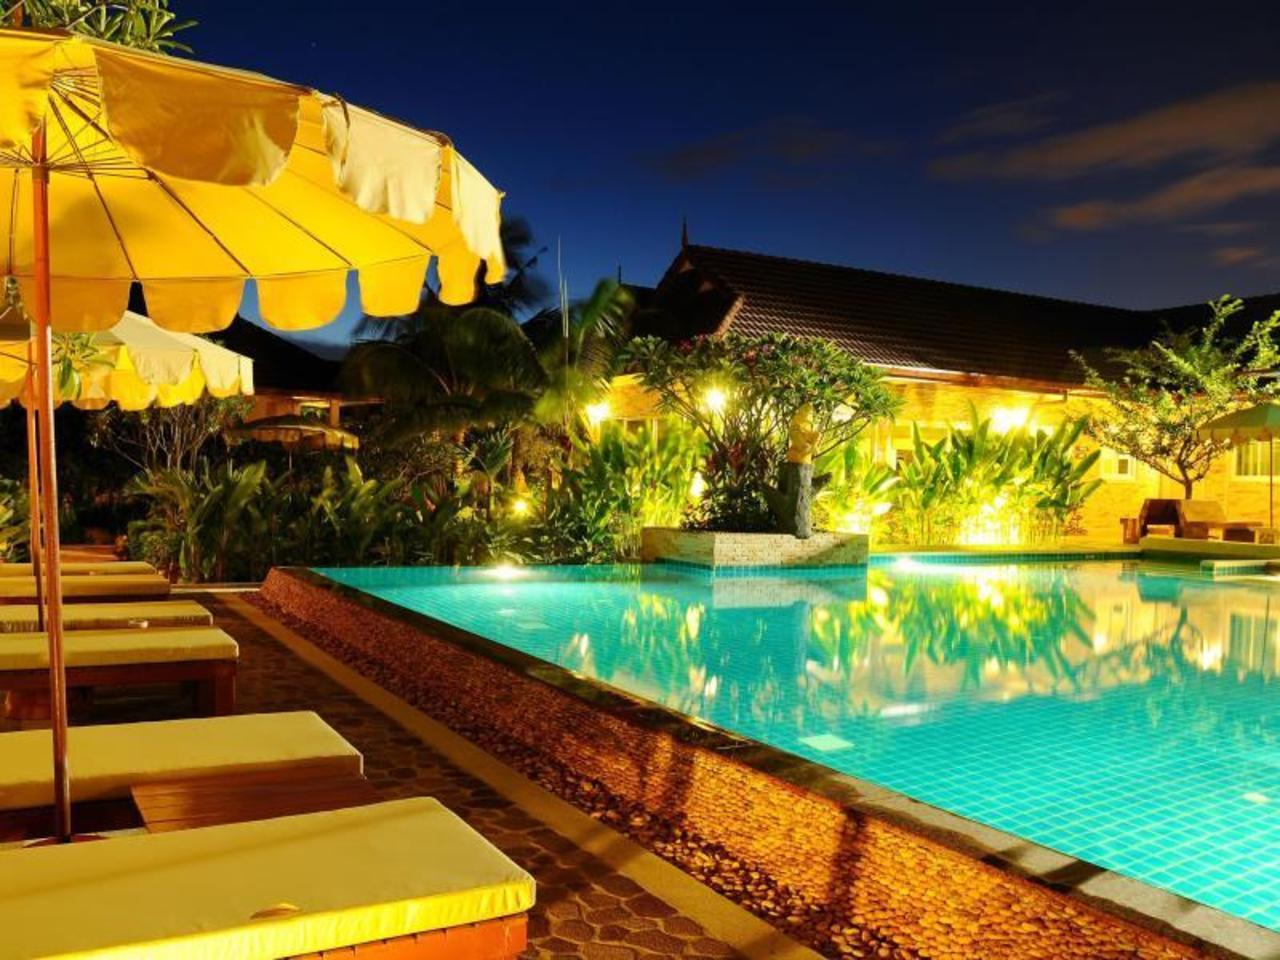 วิลลา วนิดา การ์เดน รีสอร์ท (Villa Wanida Garden Resort)